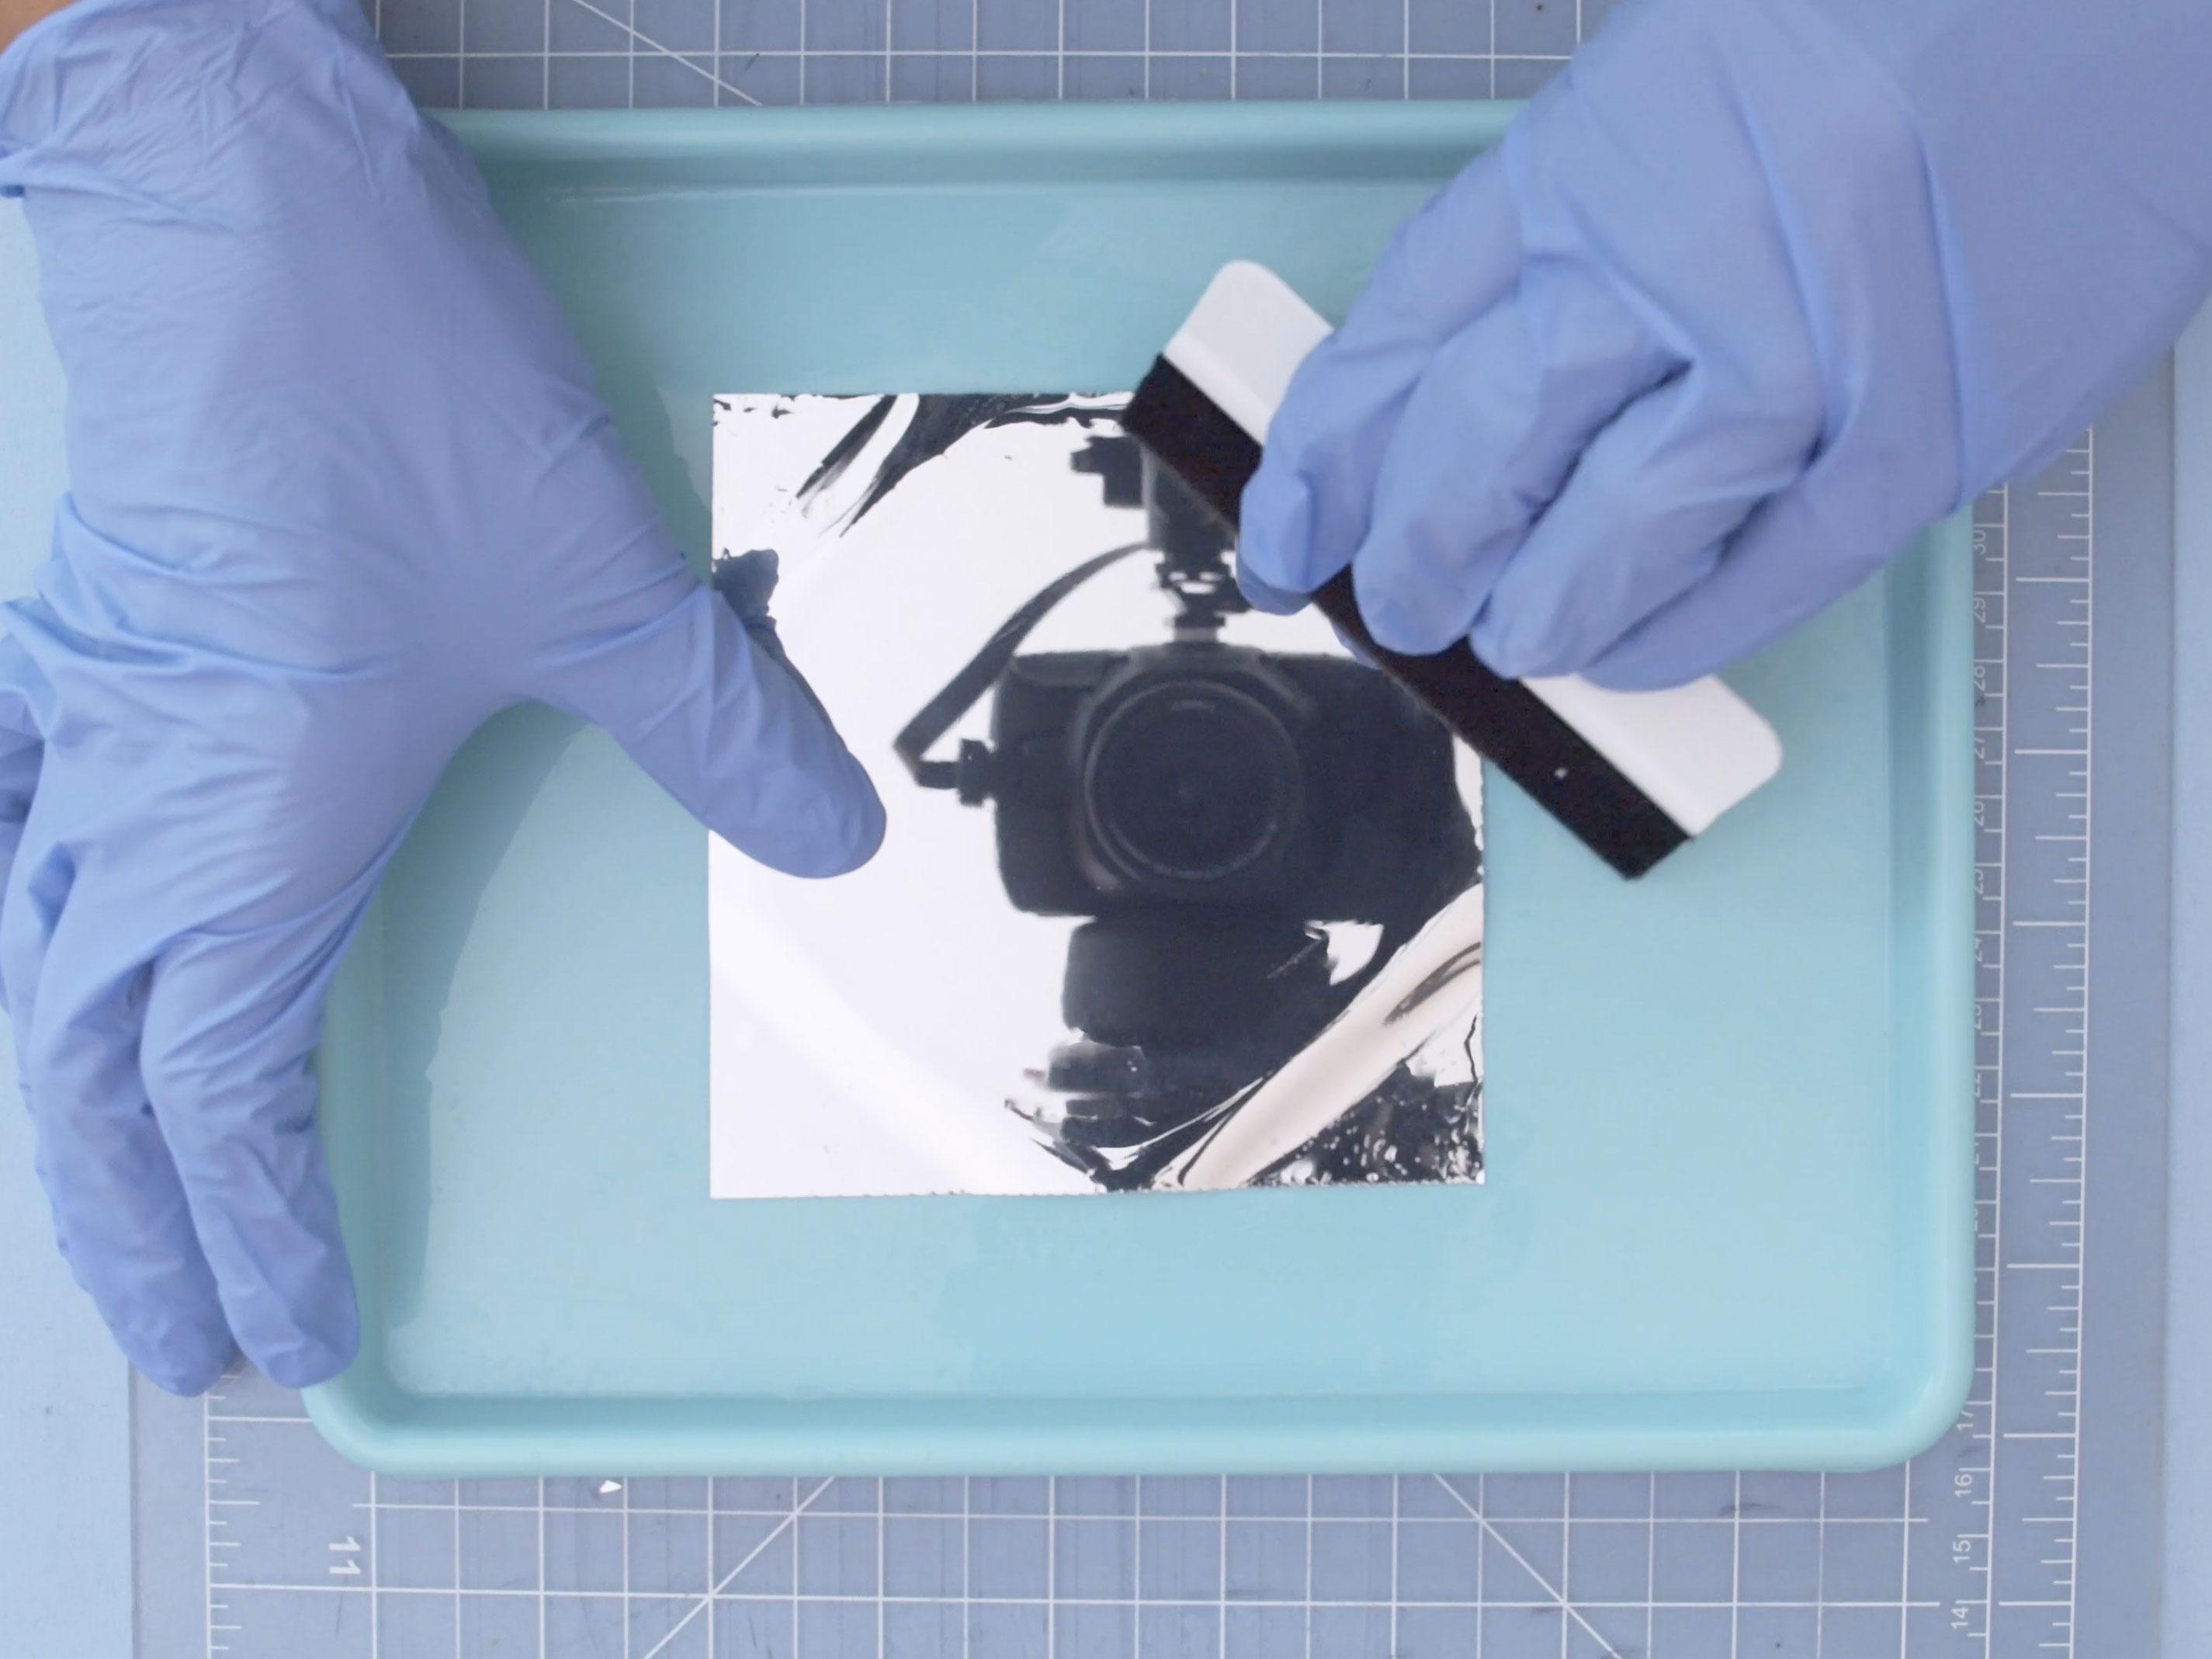 3d_printing_film-squeegee-dry.jpg